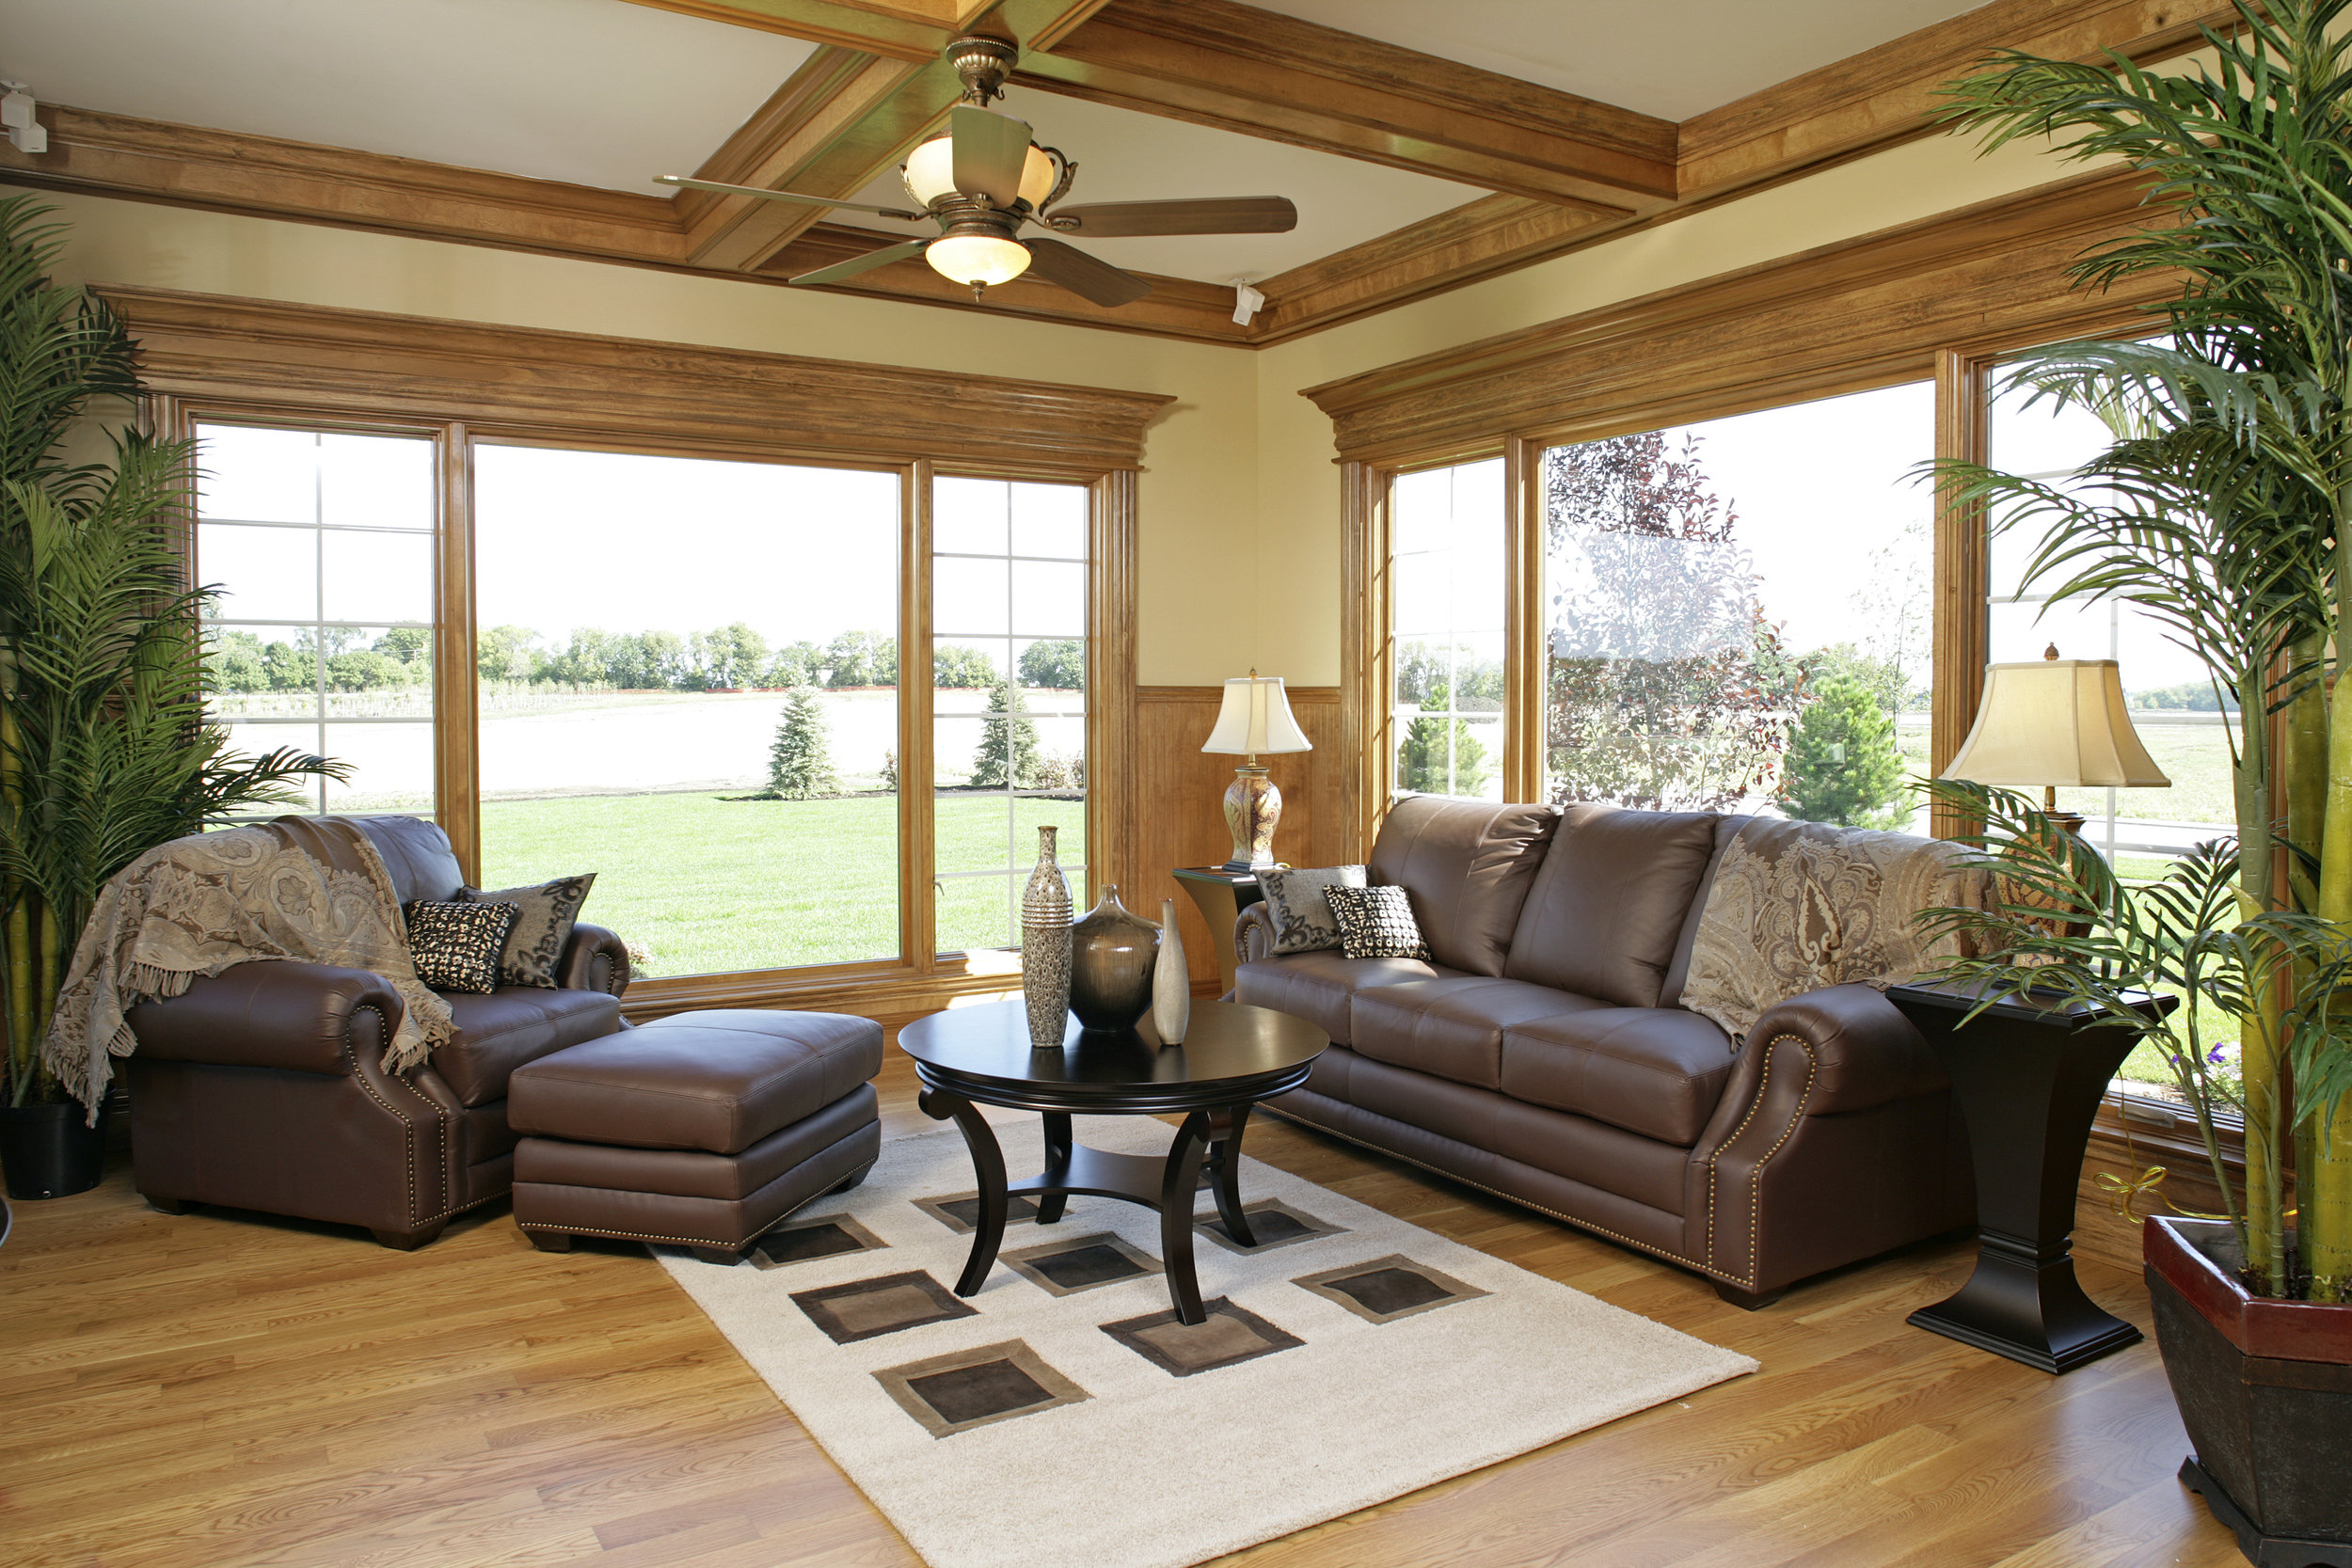 Lot 99 Interior 1 copy.jpg